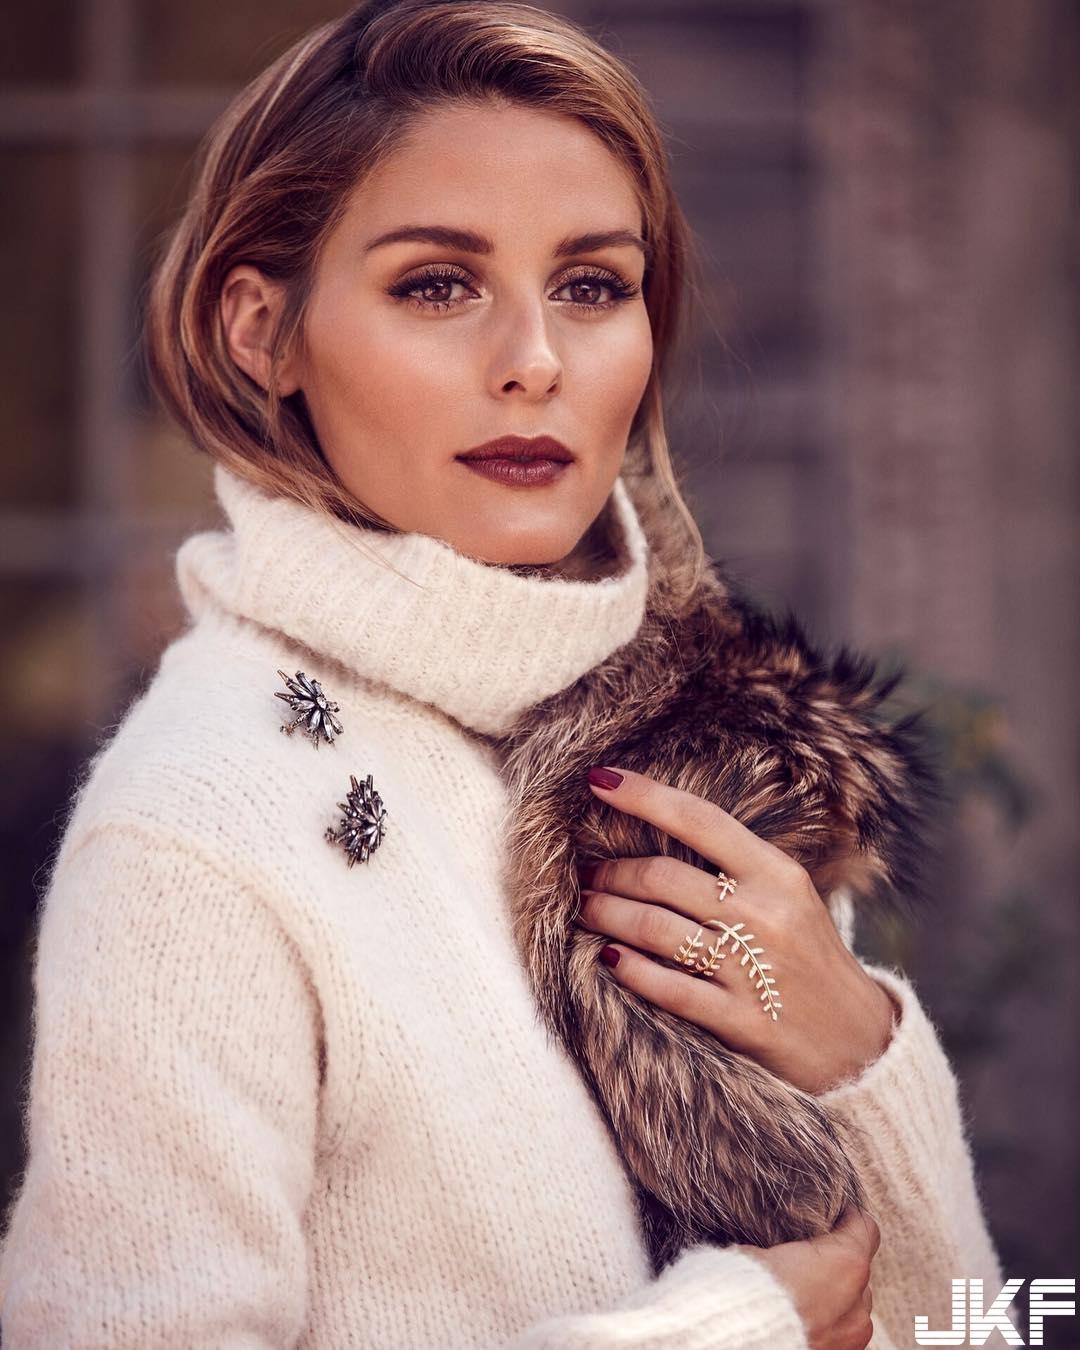 時尚與美麗兼具Olivia Palermo人見人愛的臉蛋 - 歐美美女 -